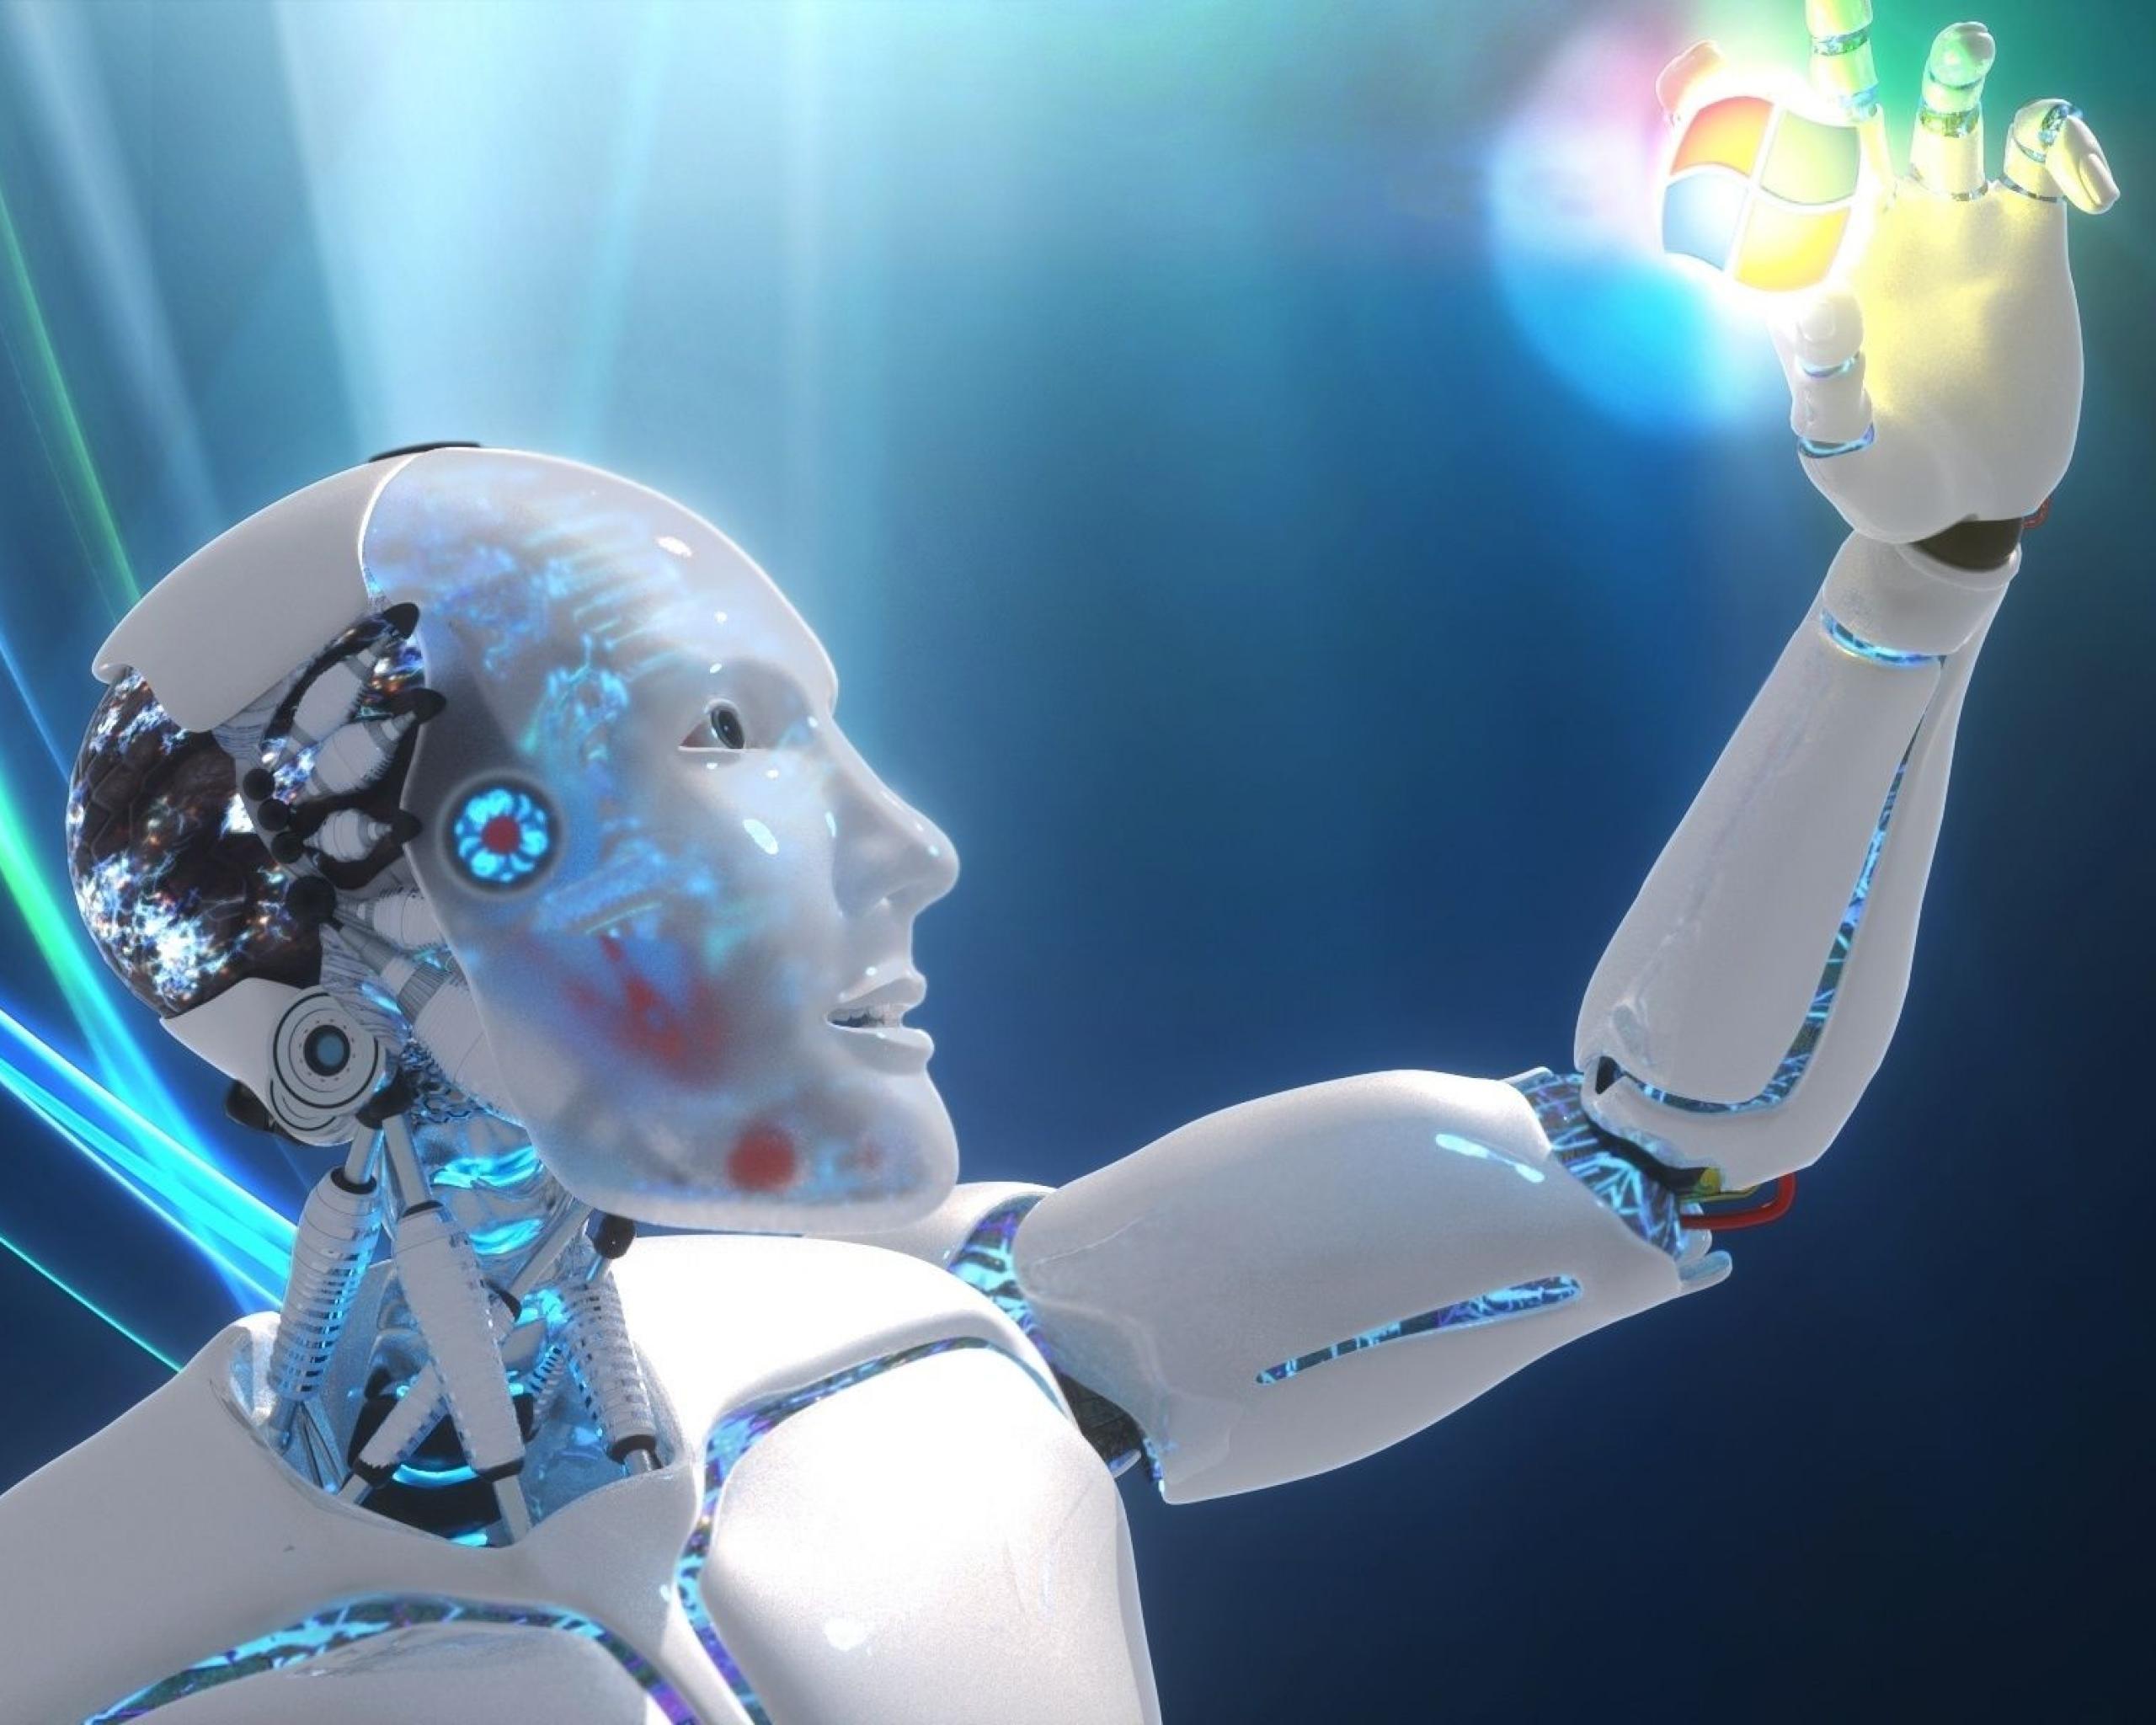 Techno Science Bizzary